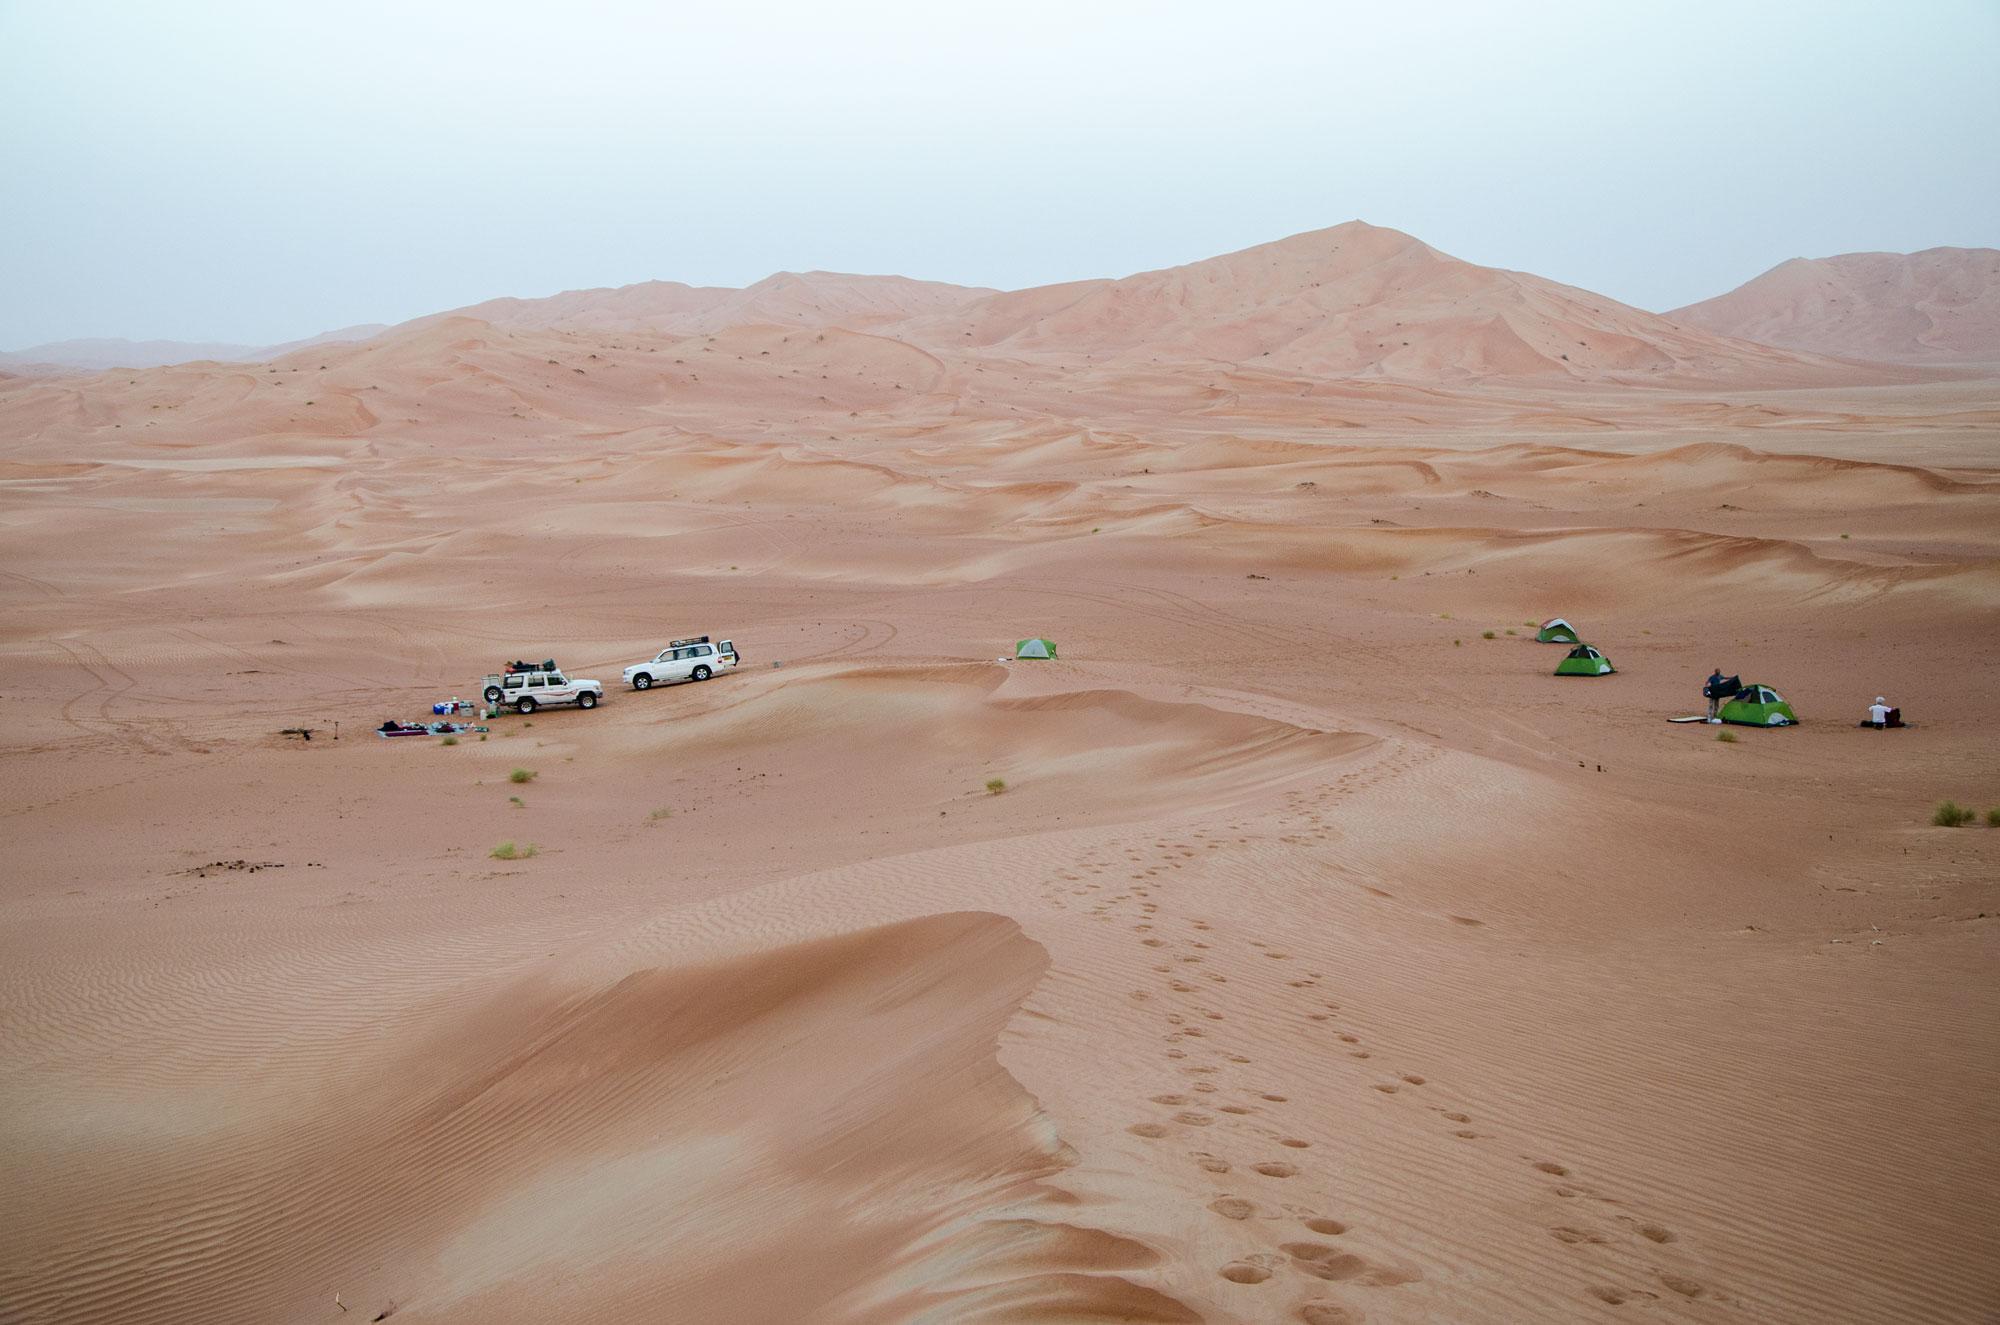 Unser Camp in den Dünen – Kilometer von der nächsten Siedlung entfernt. Foto: Lothar Ruttner